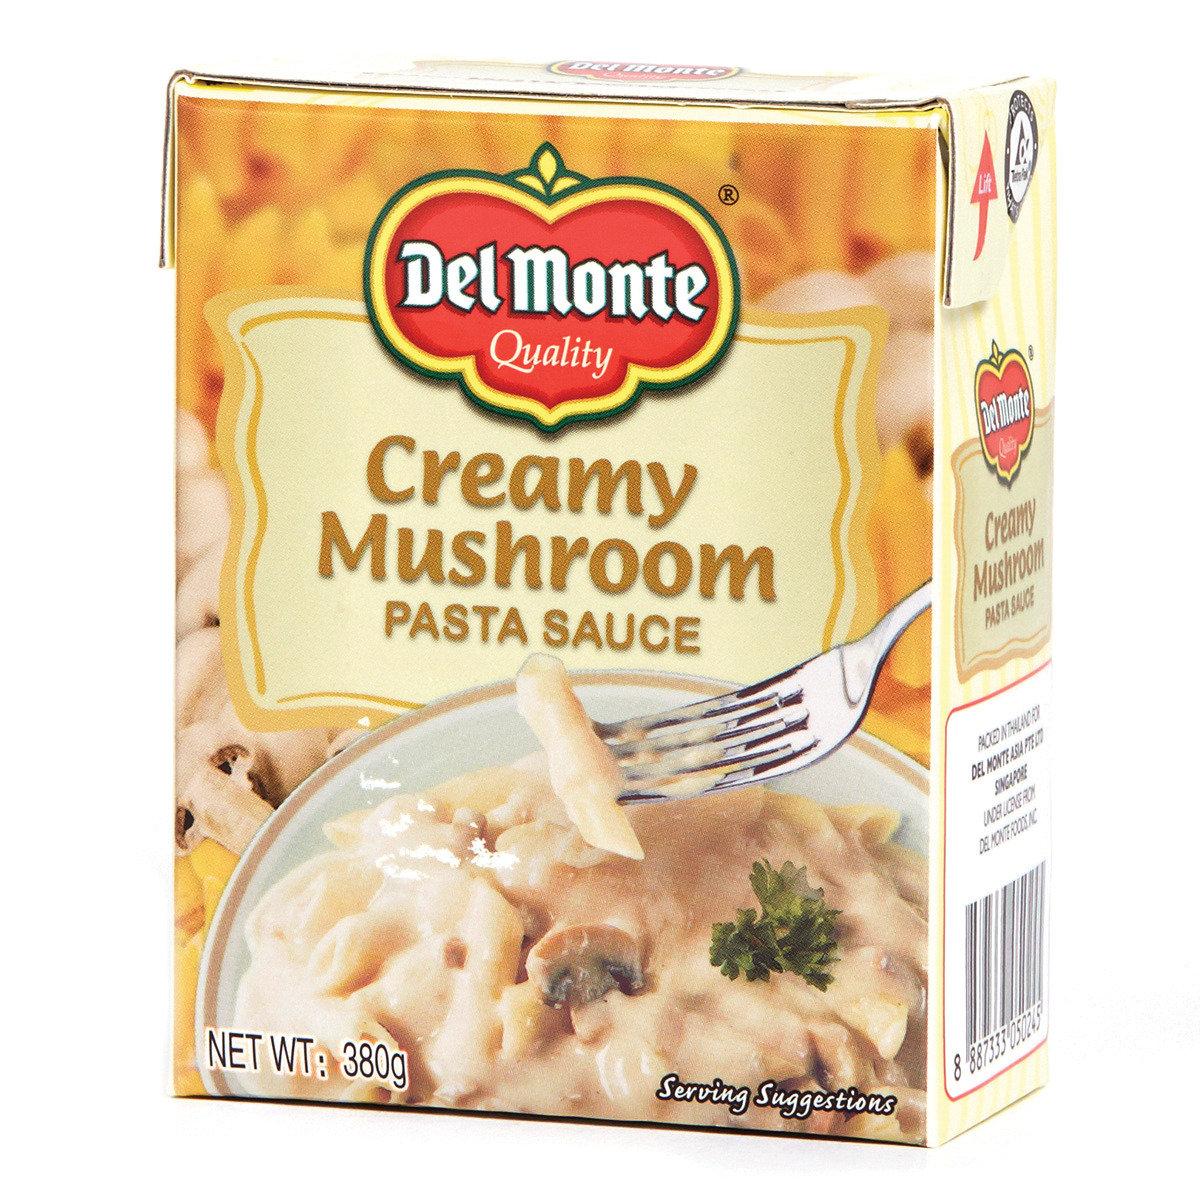 忌廉蘑菇意粉醬